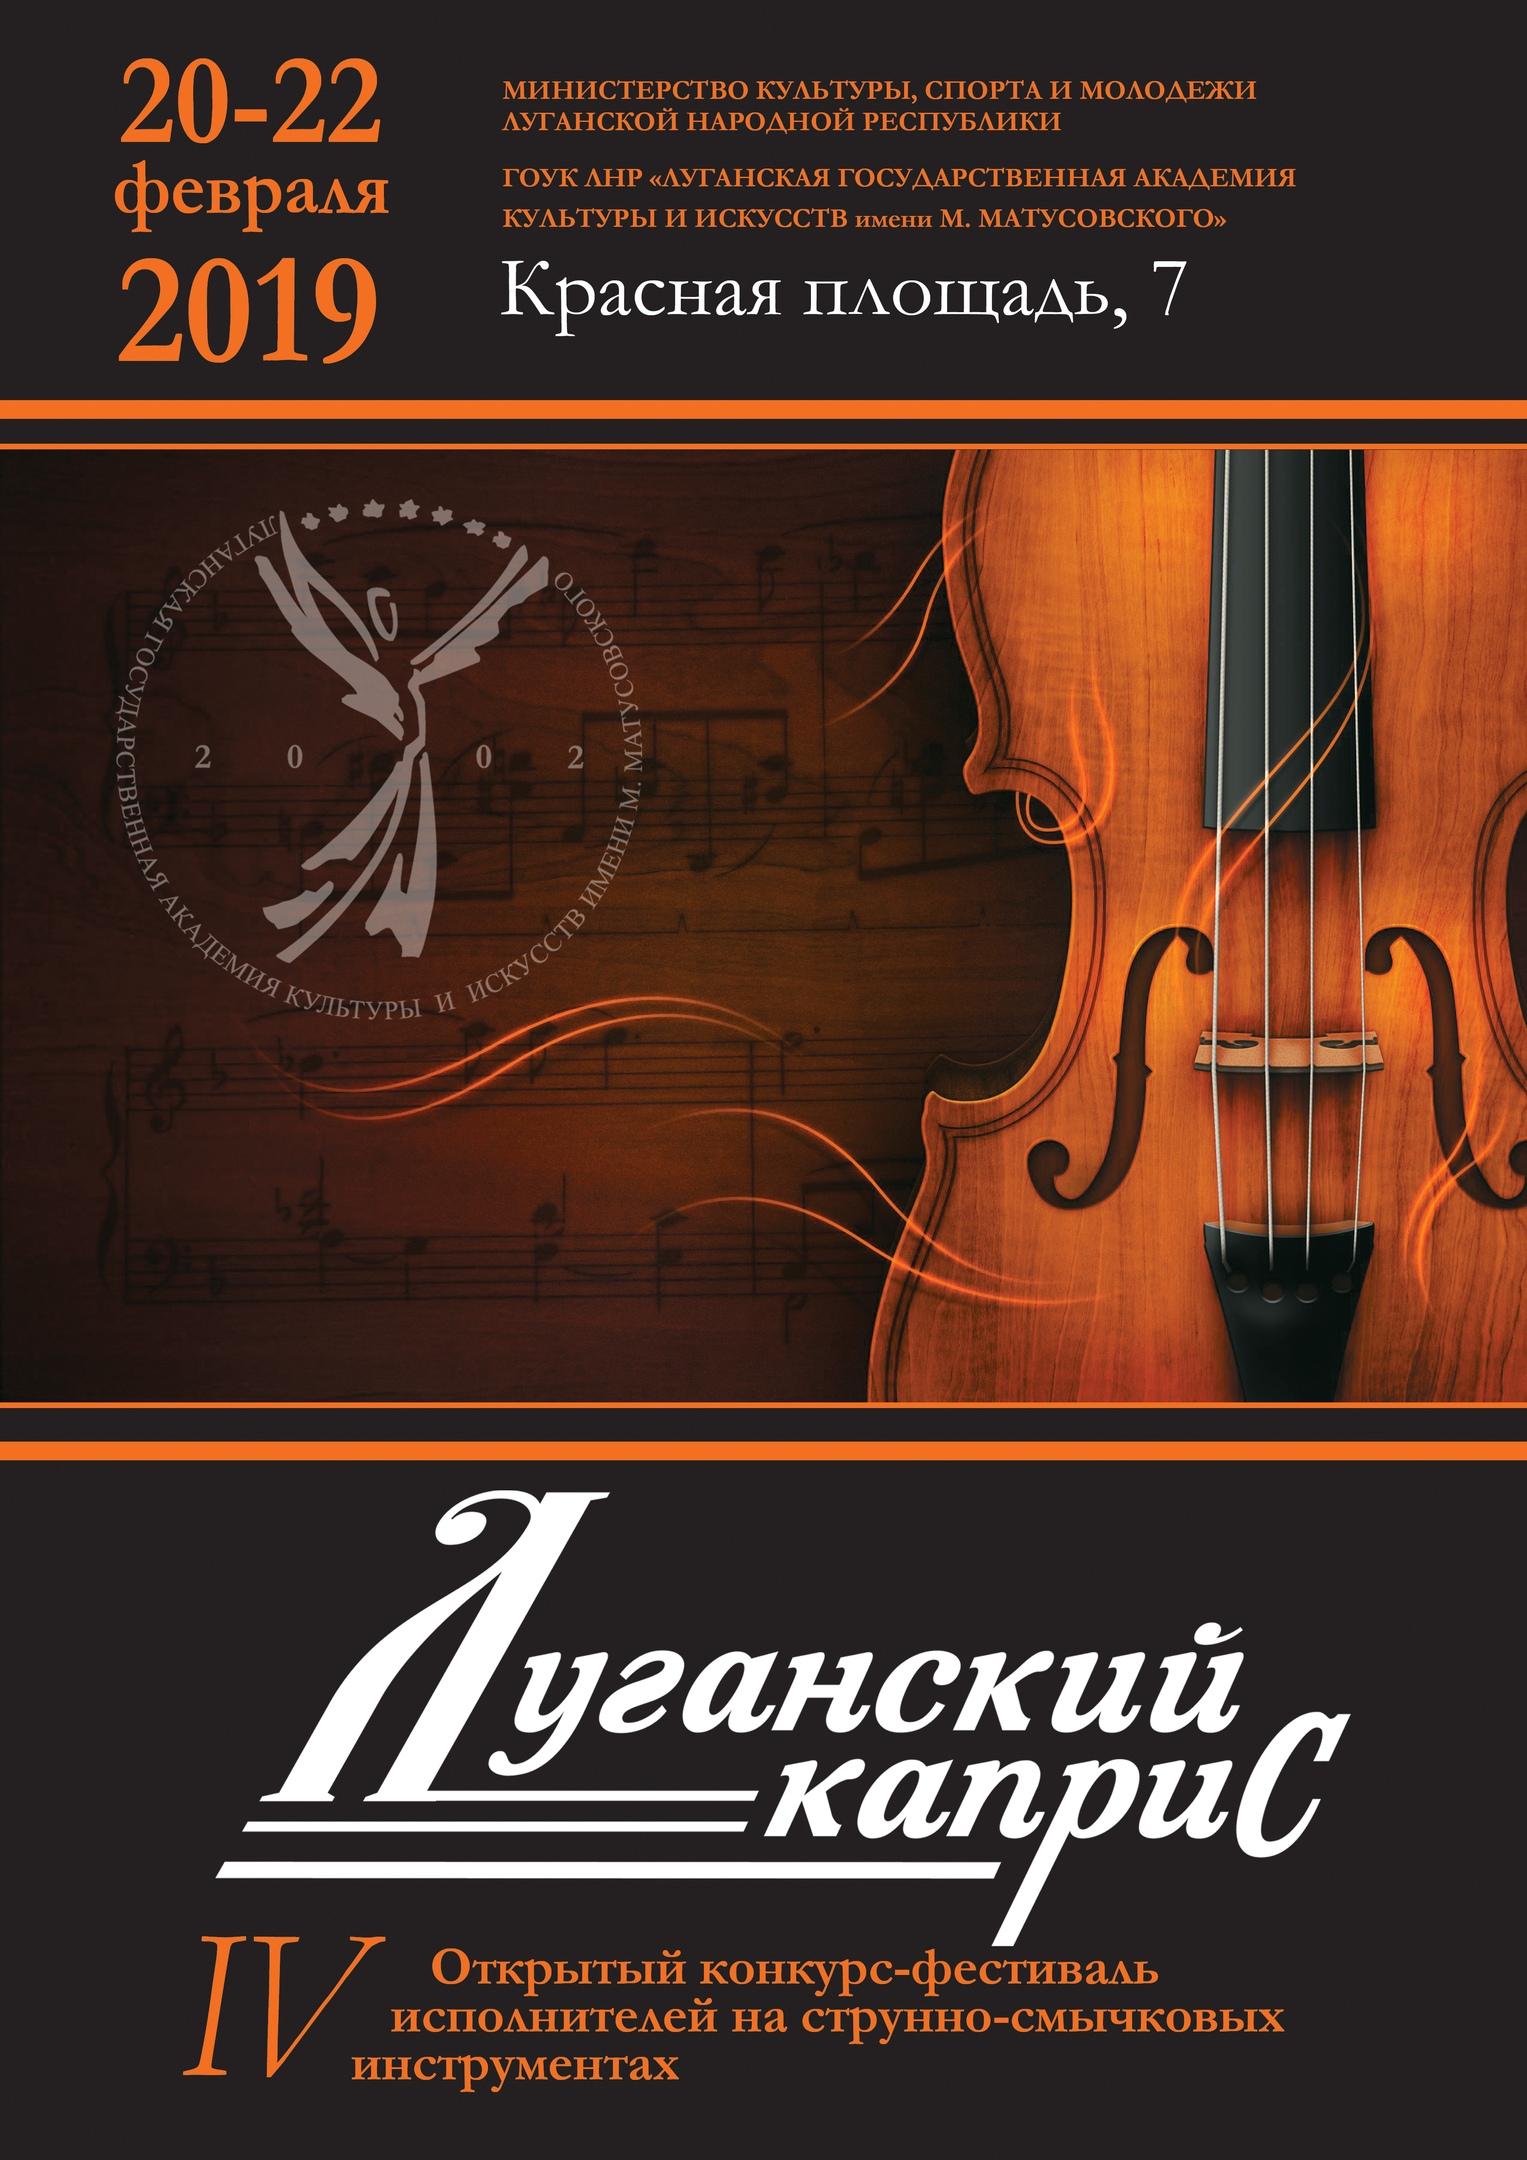 Открытый фестиваль-конкурс исполнителей на струнно-смычковых инструментах «Луганский каприс»